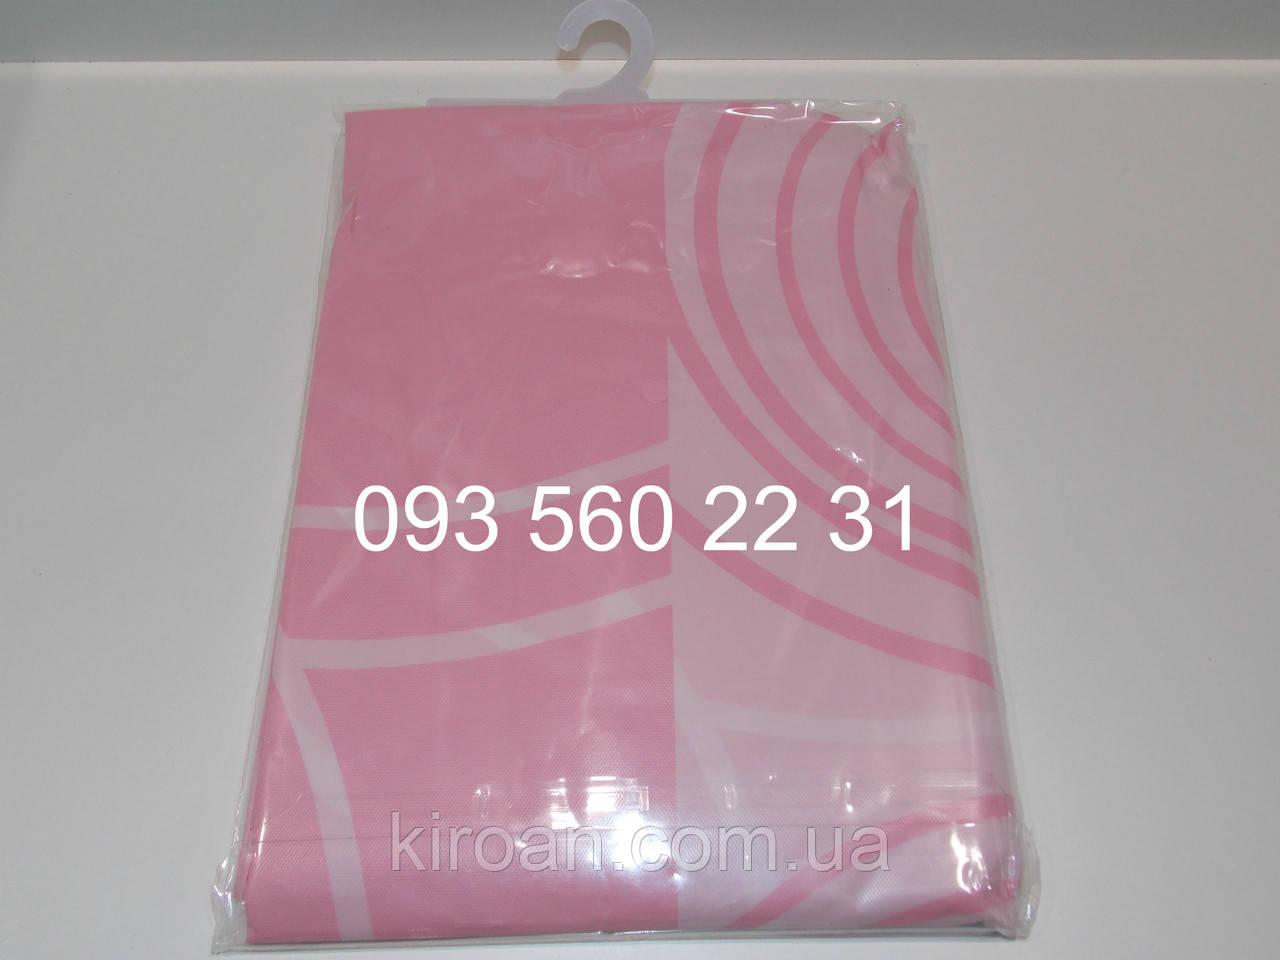 Клеенчатая шторка для ванной/душа,розовая PEVA180х180 см ЭКОНОМ